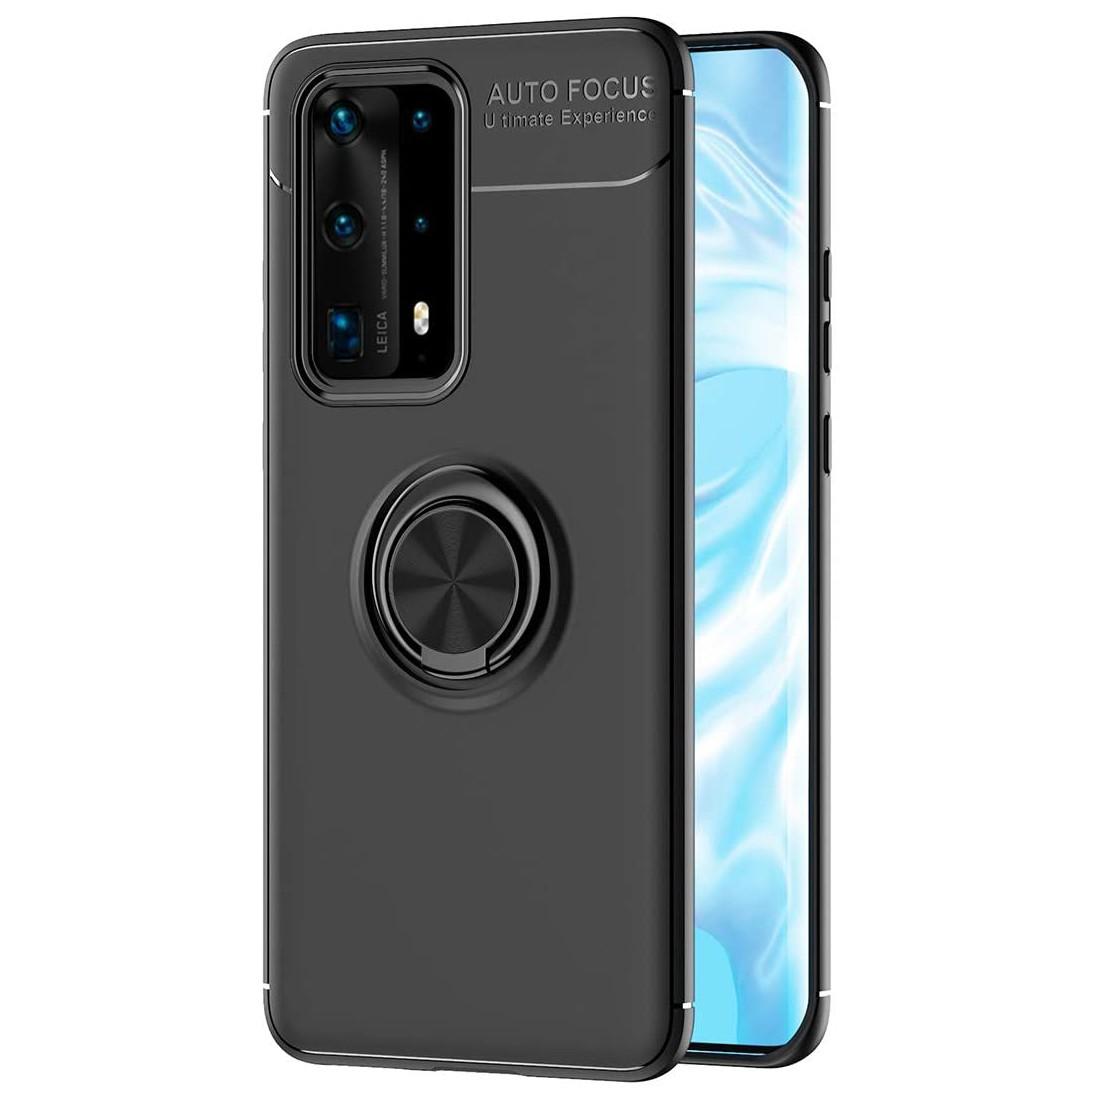 Θήκη Ancus Autofocus Shockproof με Ring Holder για Huawei P40 Pro Μαύρη